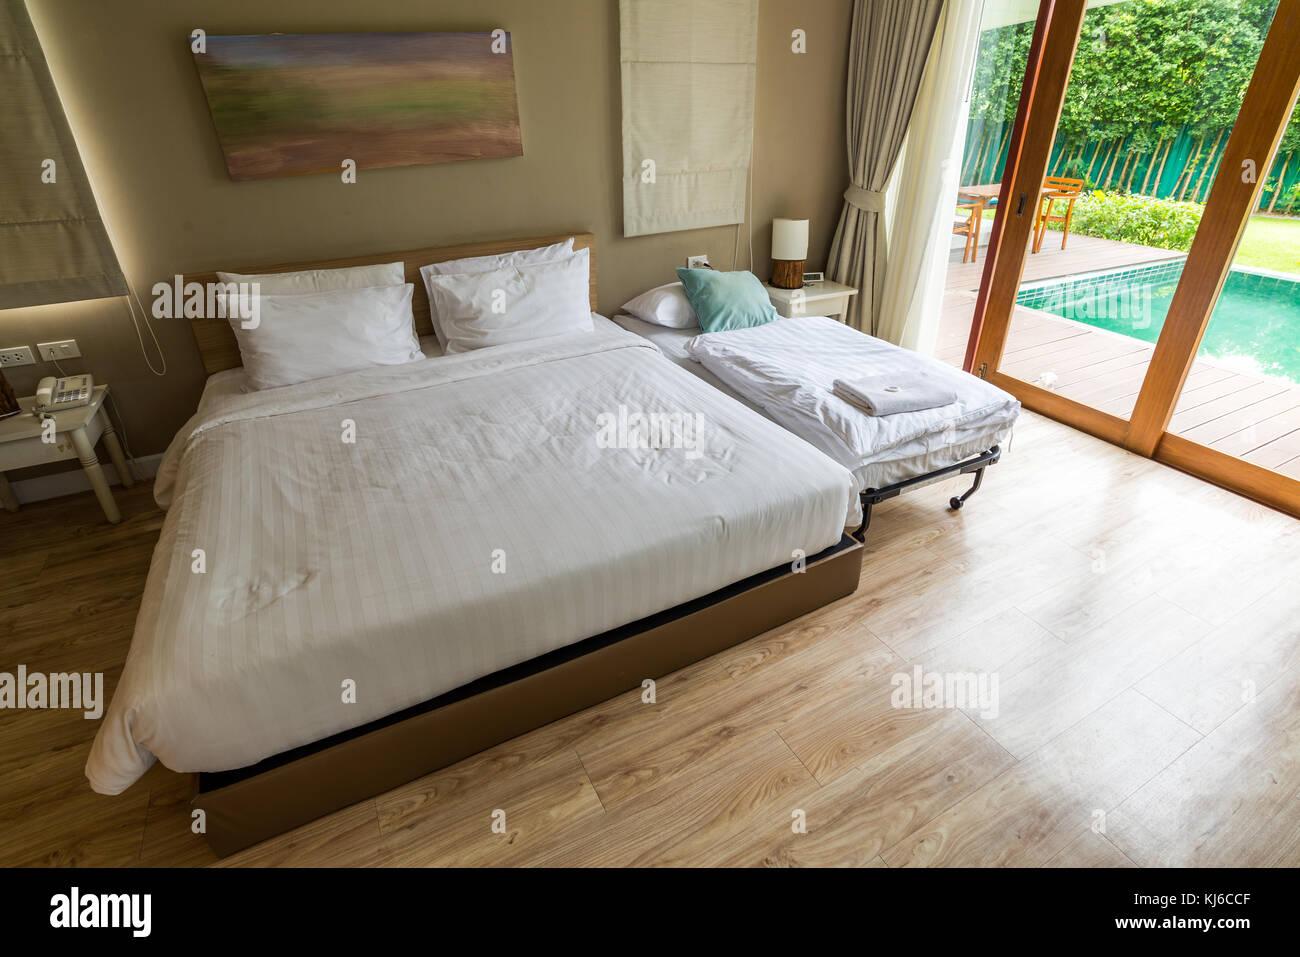 Bianca e moderna camera da letto sul pavimento di legno accanto alla ...